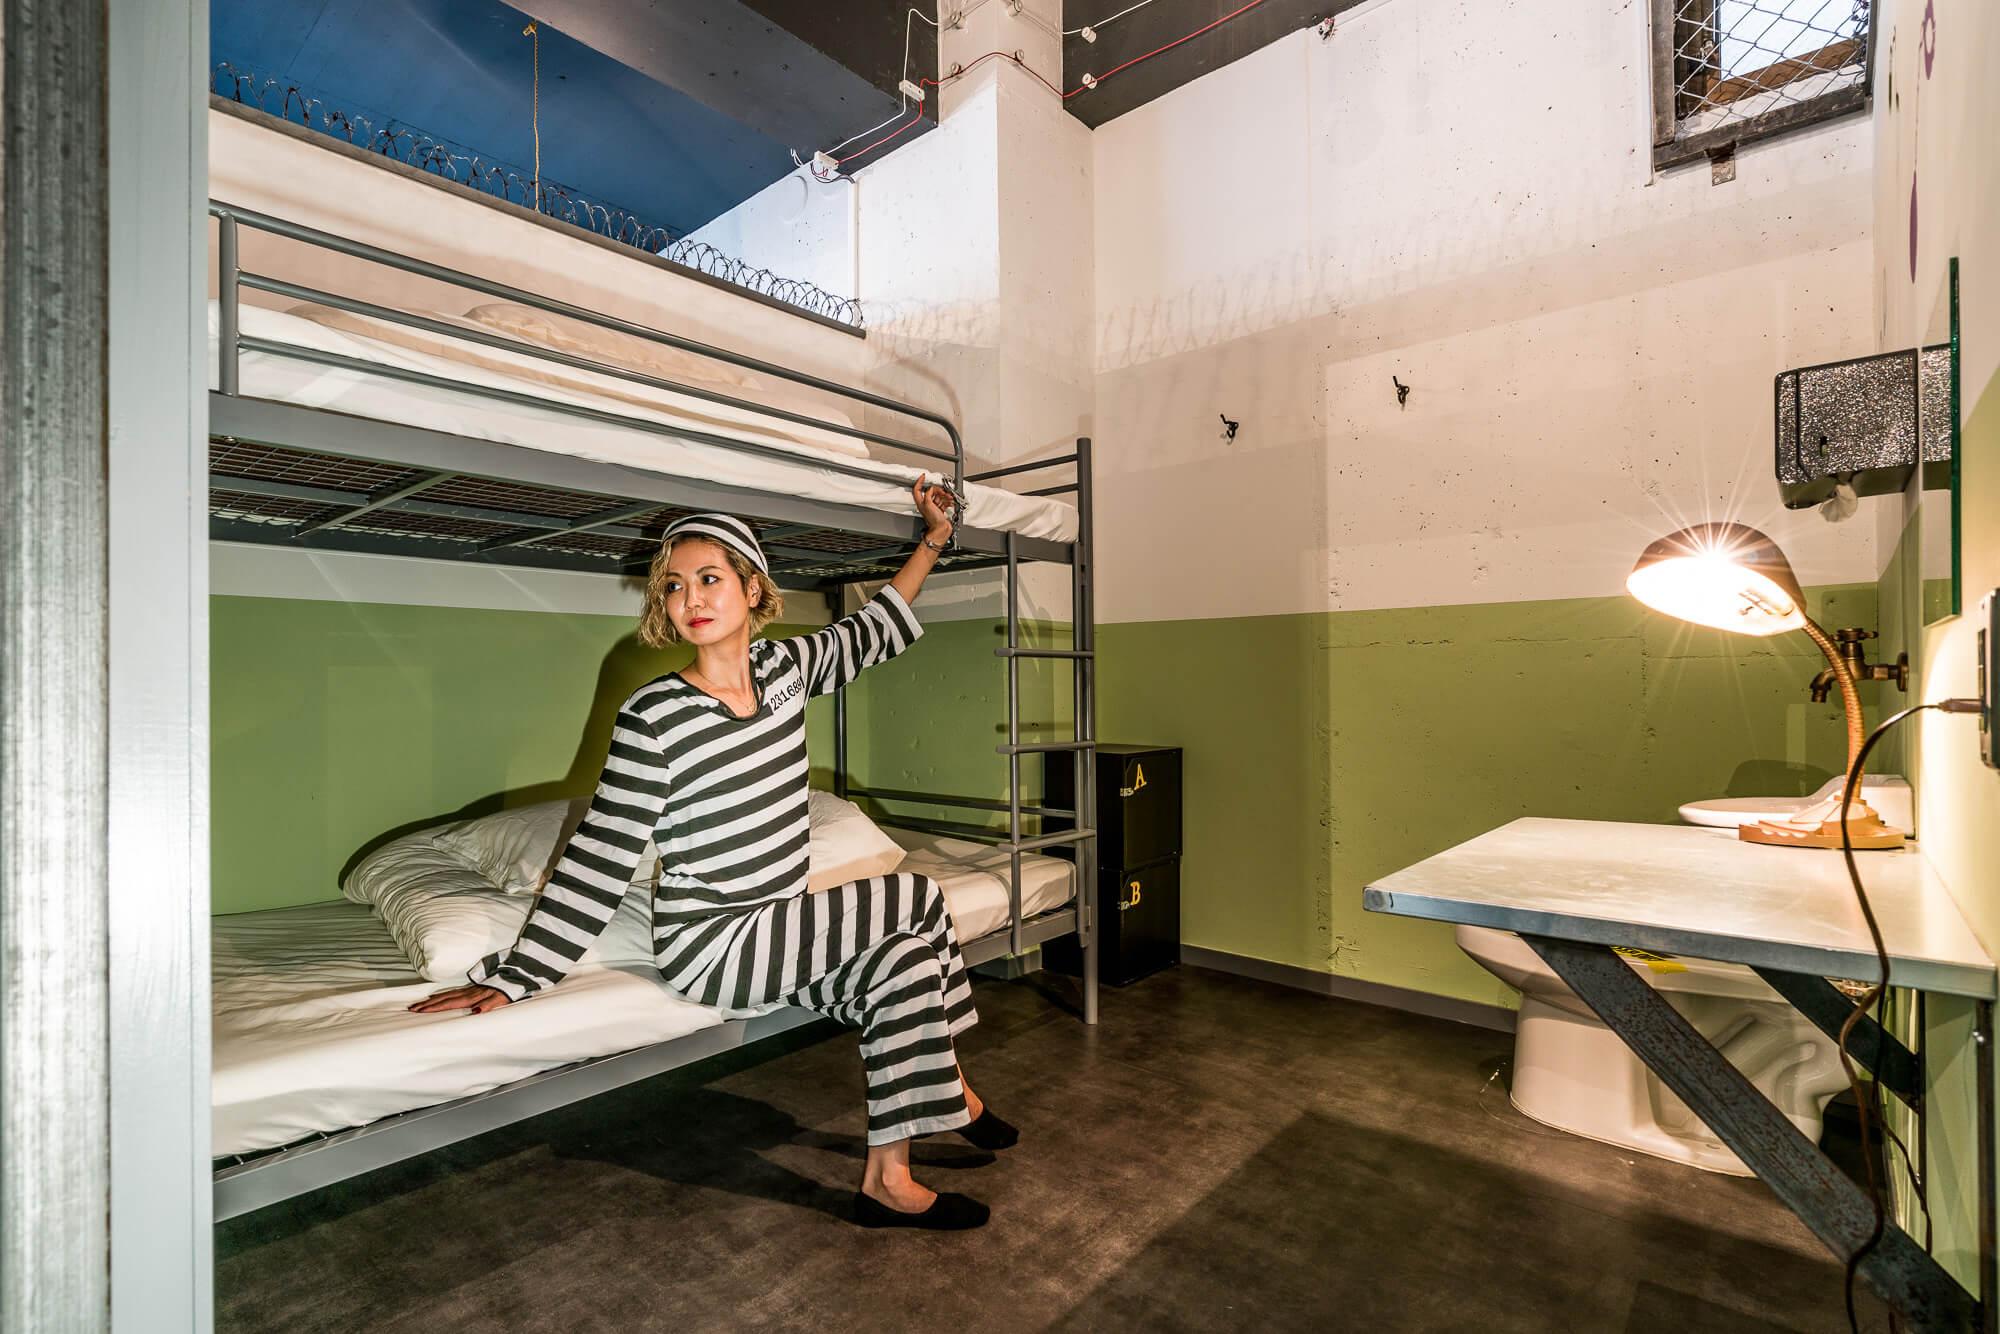 Okinawa prison | 沖縄観光情報ガリンペイロ